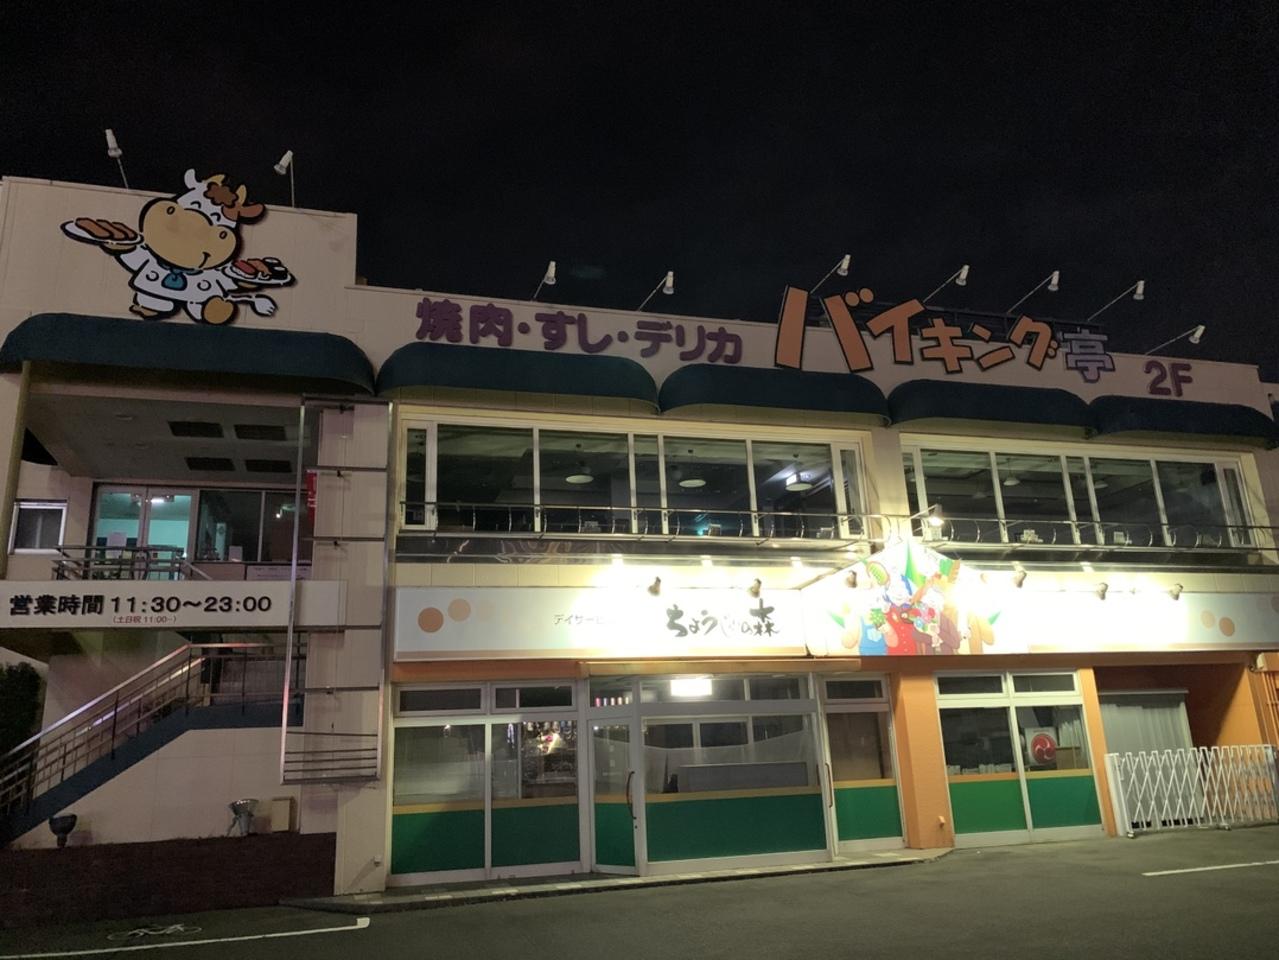 八戸市城下 「食べ放題レストラン バイキング亭」 20.5.31閉店